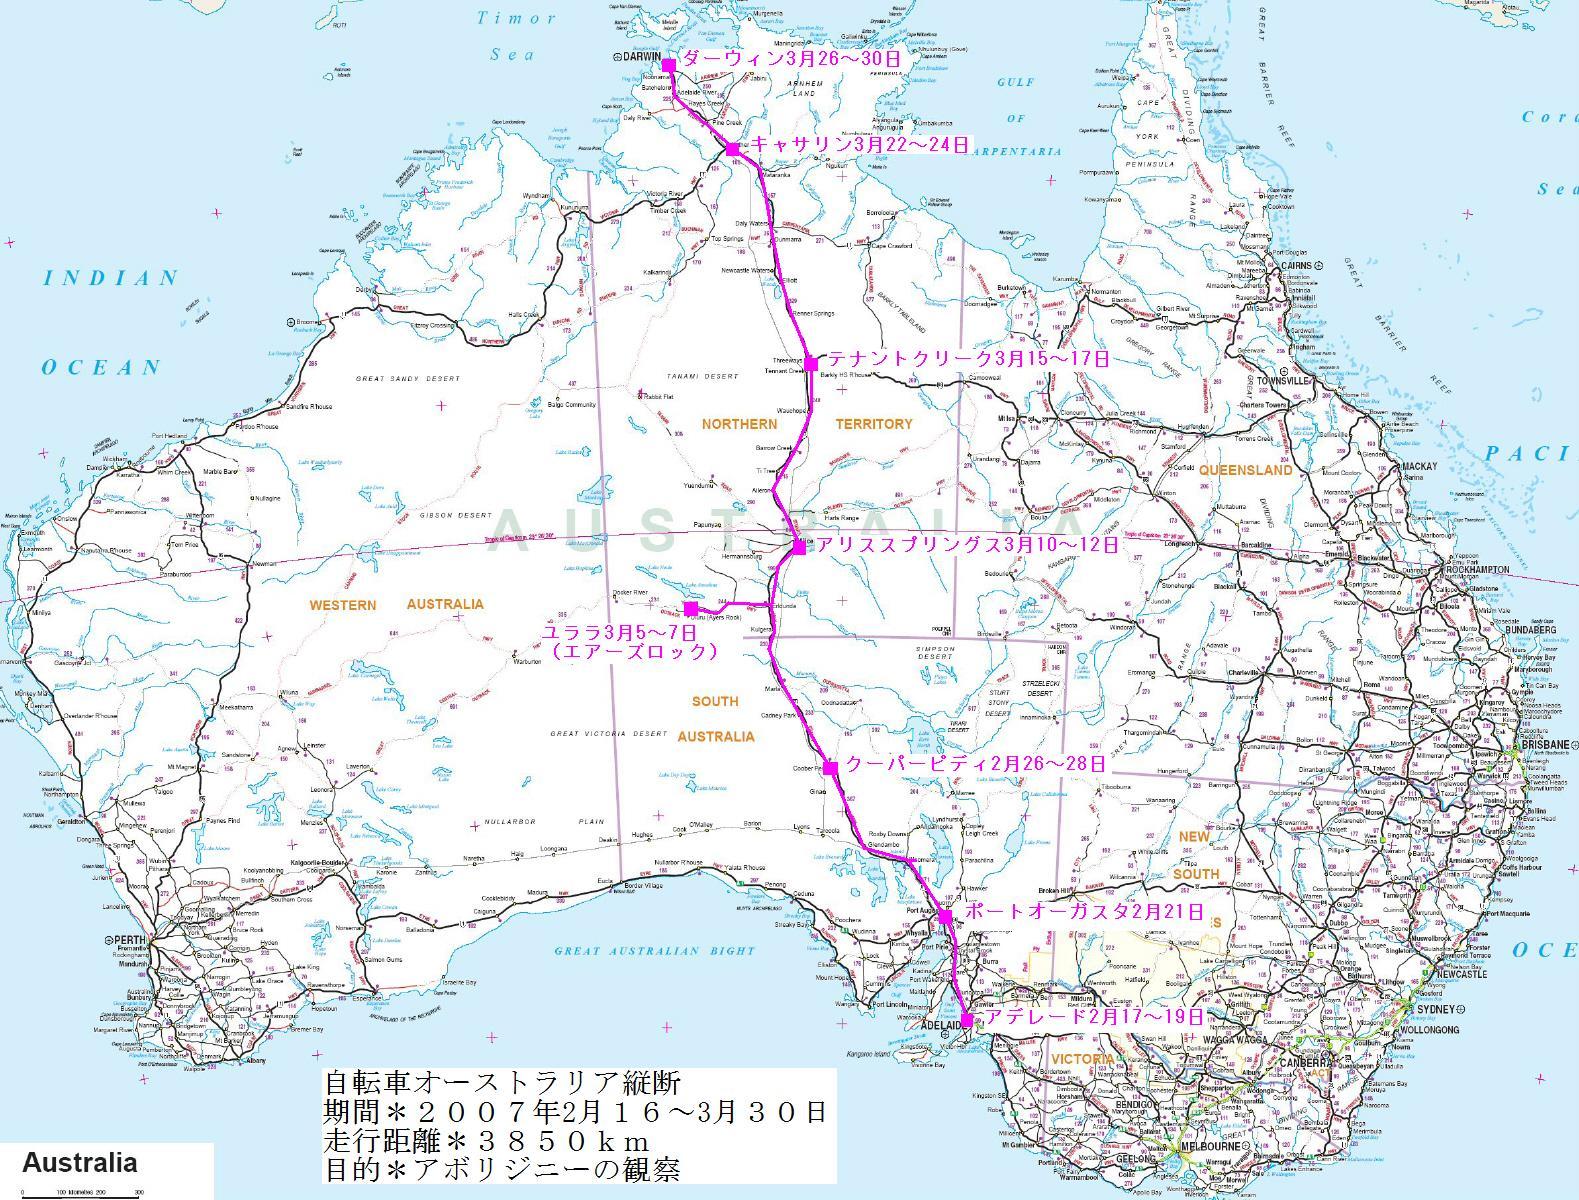 自転車オーストラリア縦断_e0132858_23461774.jpg